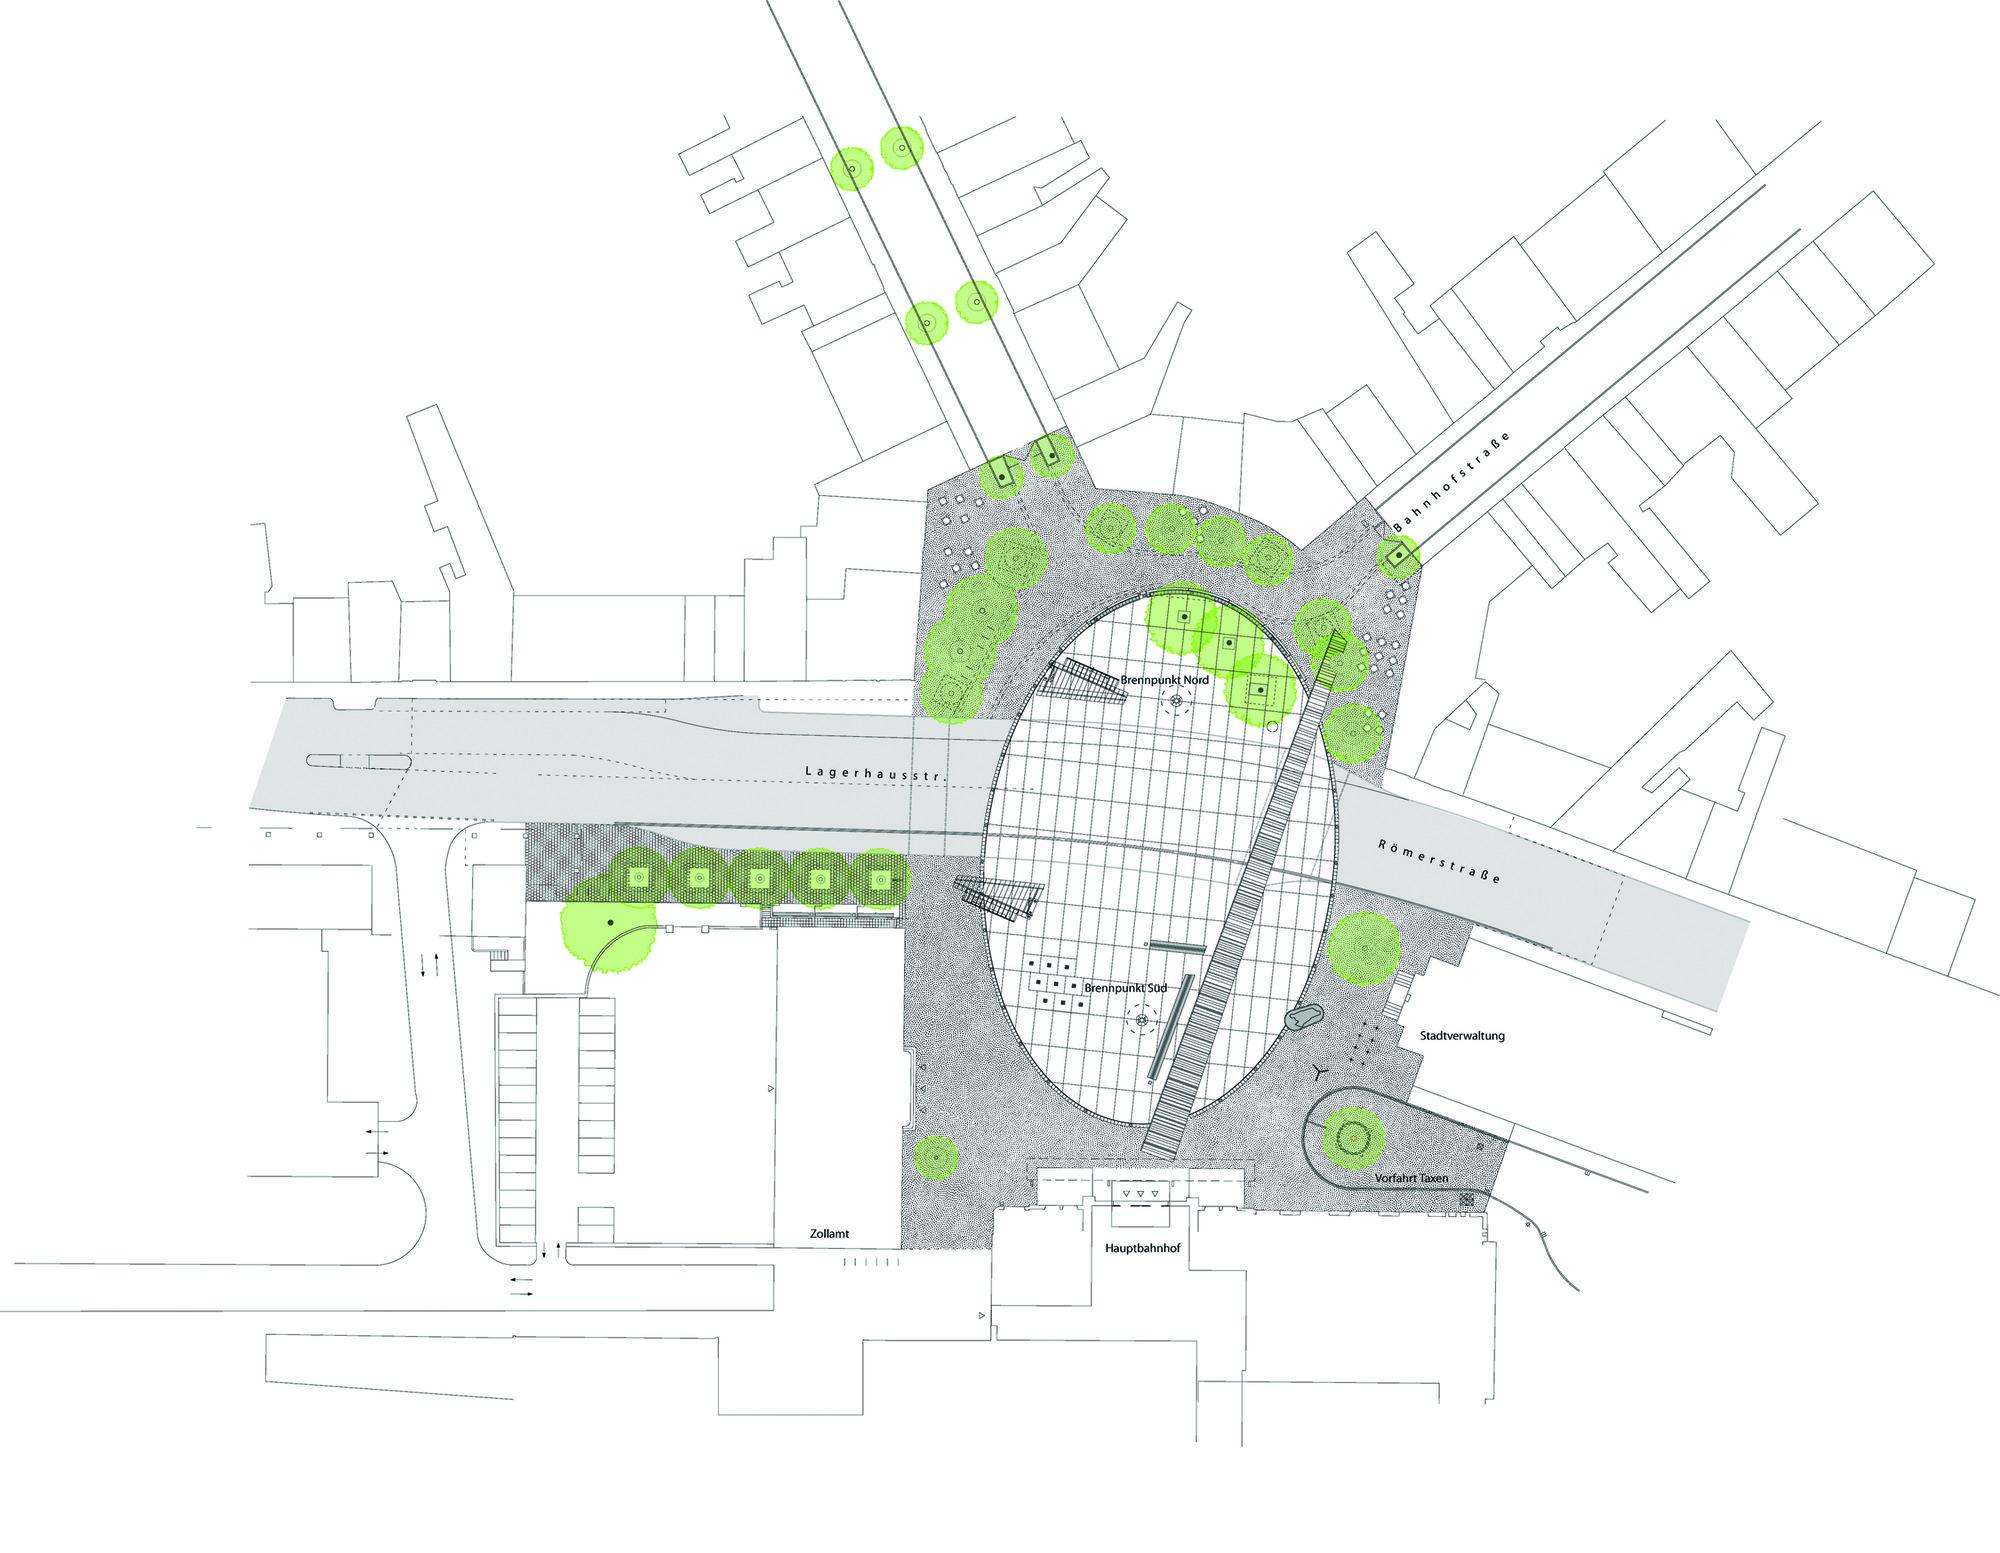 Bahnhofplatz Aachen HHF Architekten Hentrup Heyes Fuhrmann